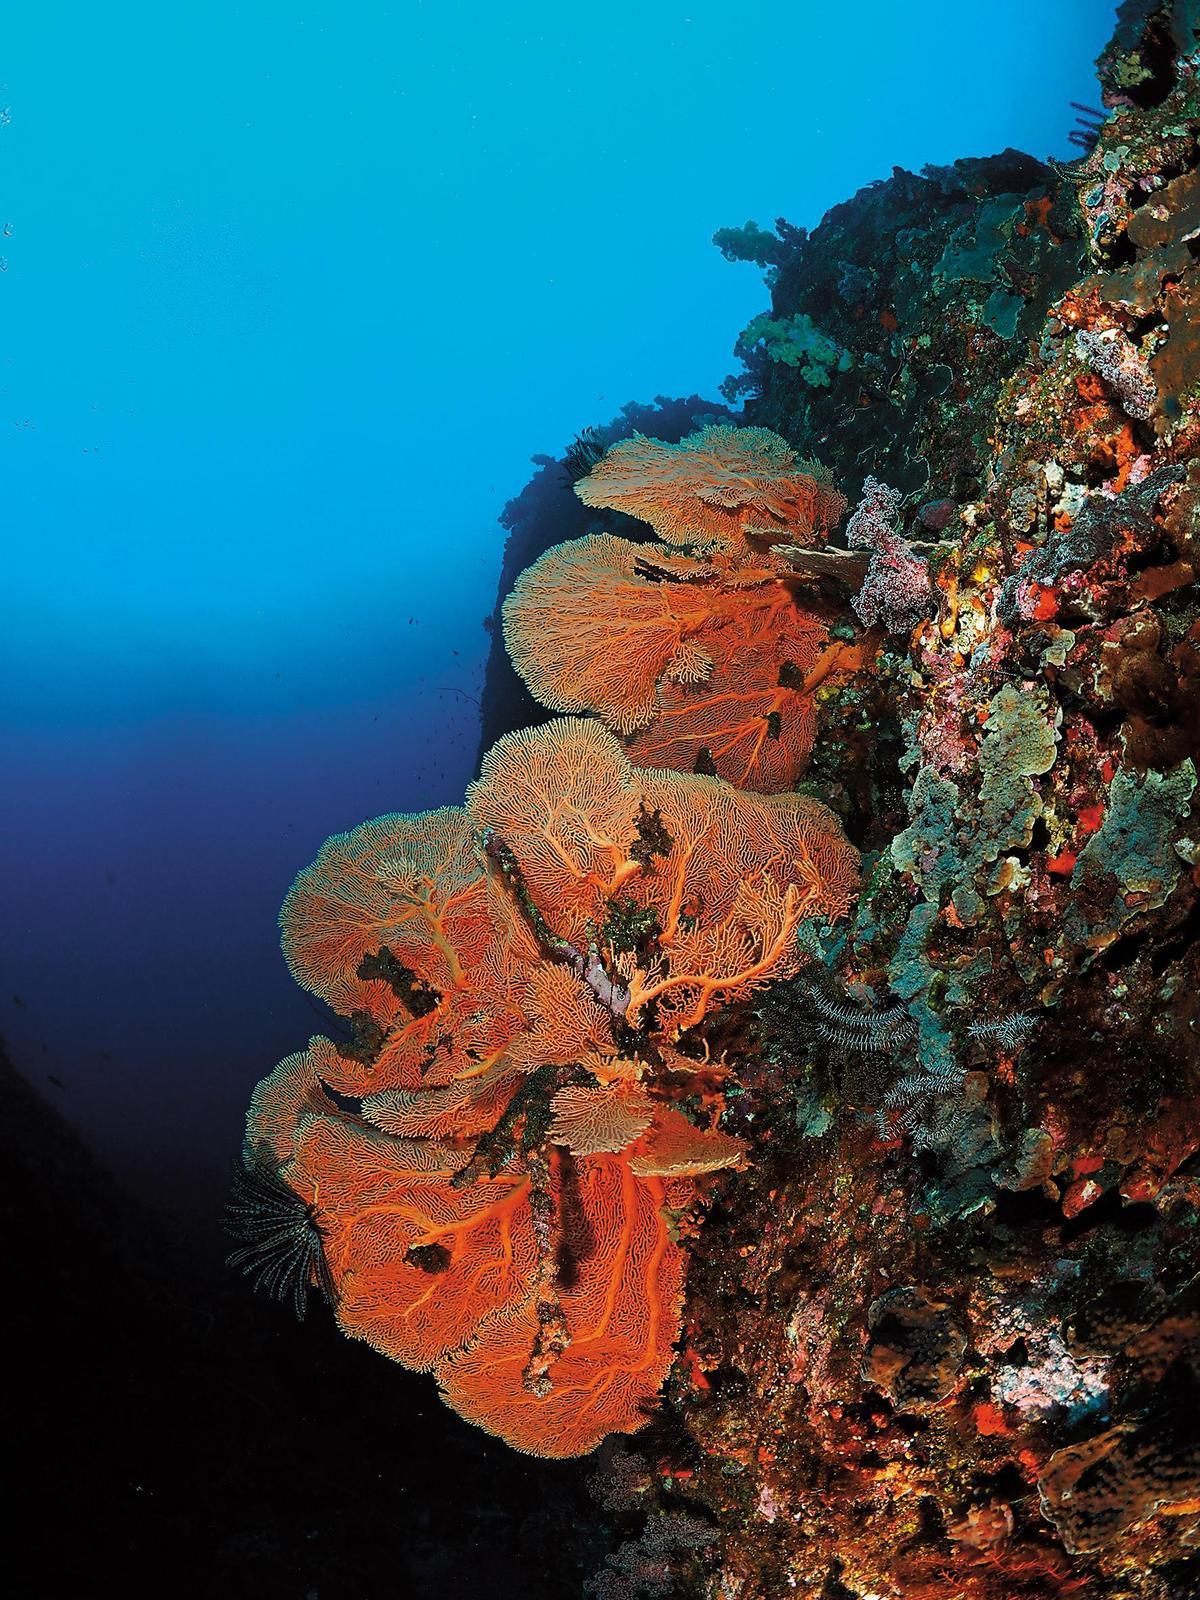 鮮豔的海扇與珊瑚礁,為海底多添了一分神祕靜謐的氛圍。(騏艦藍海灣提供)